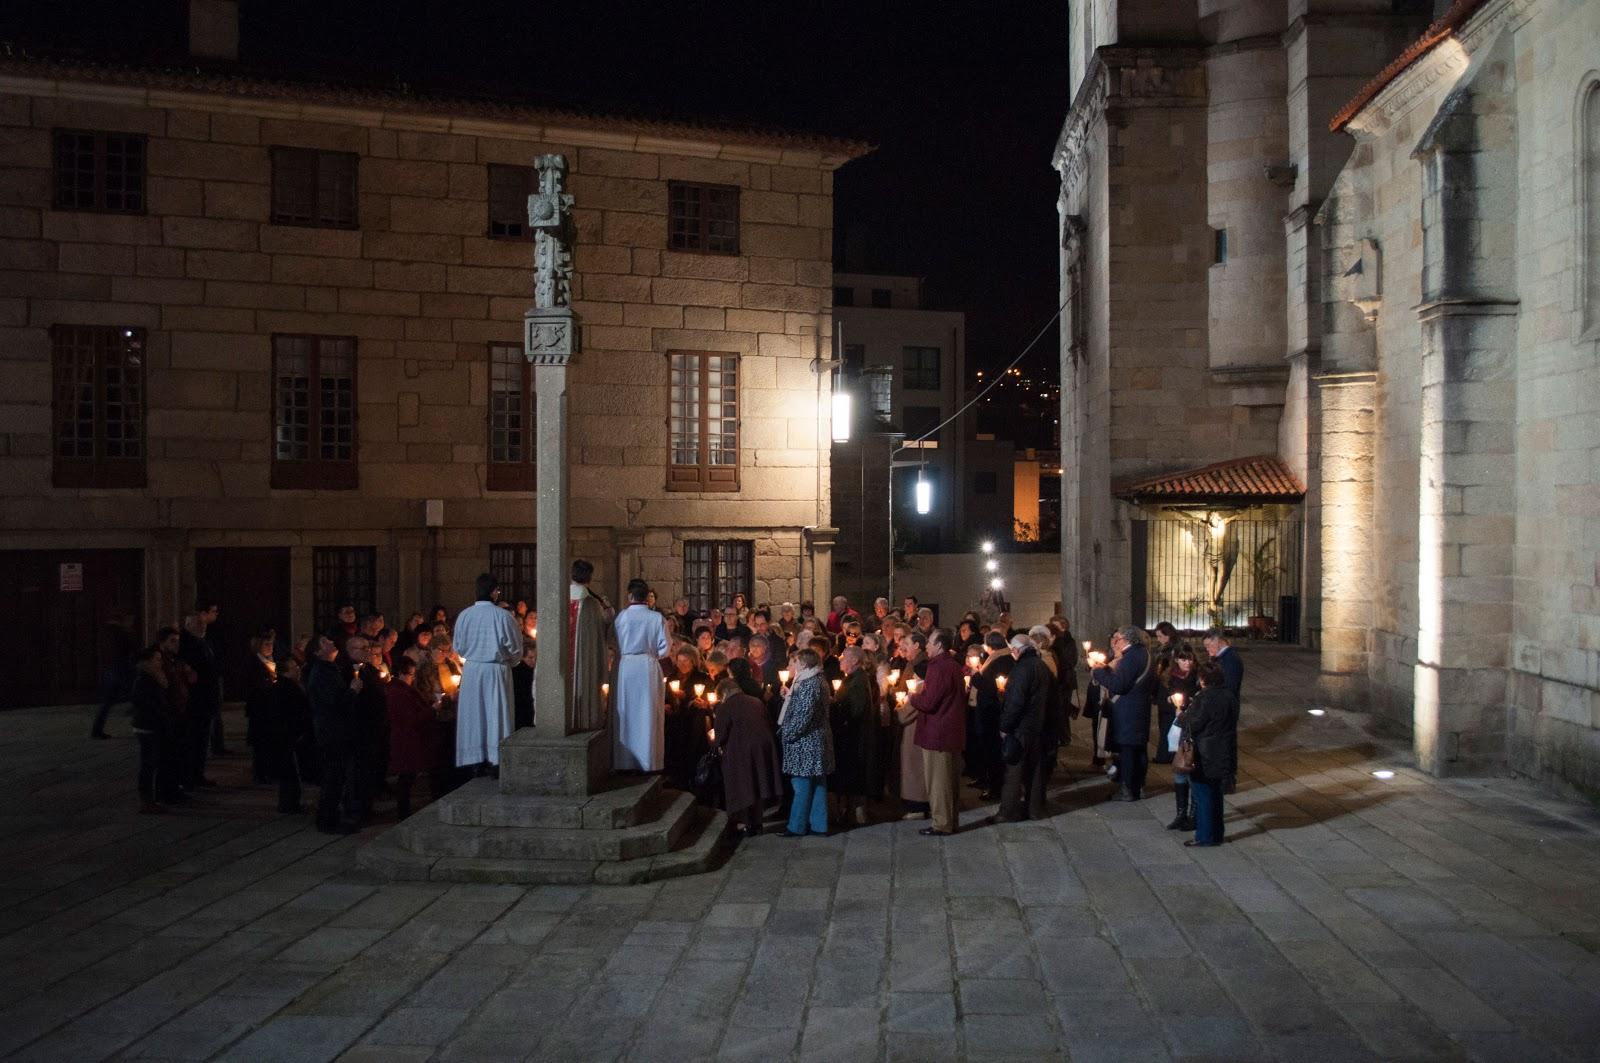 4 fiestas en un día: Purificación de María, Presentación de Jesús en el Templo, Fiesta de las Candelas y de la Virgen de la Candelaria (2 de febrero)